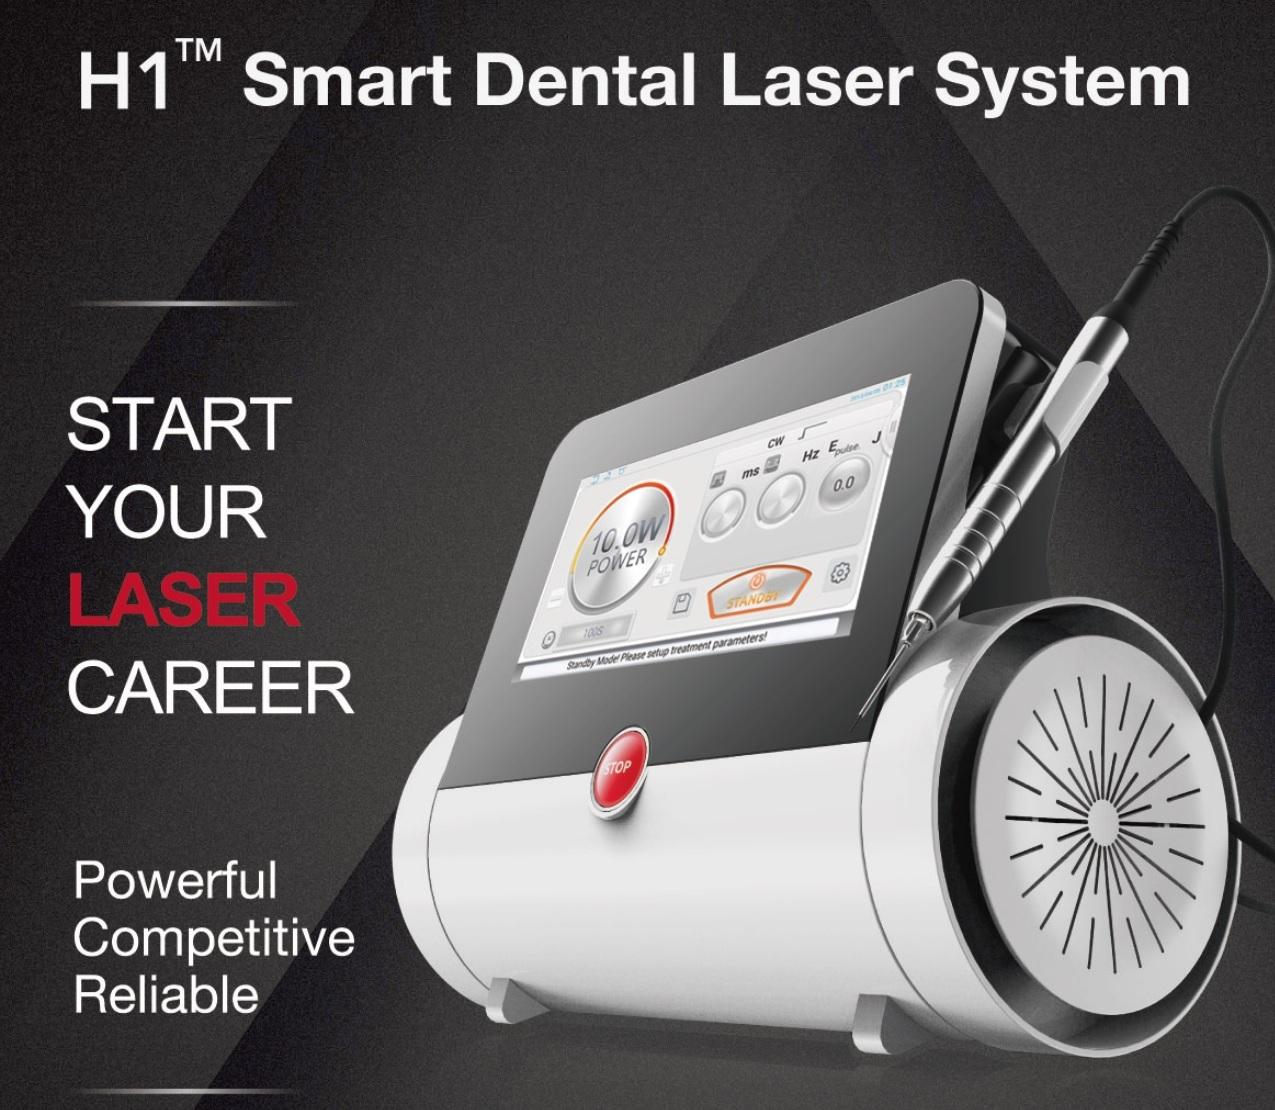 H1 dental laser